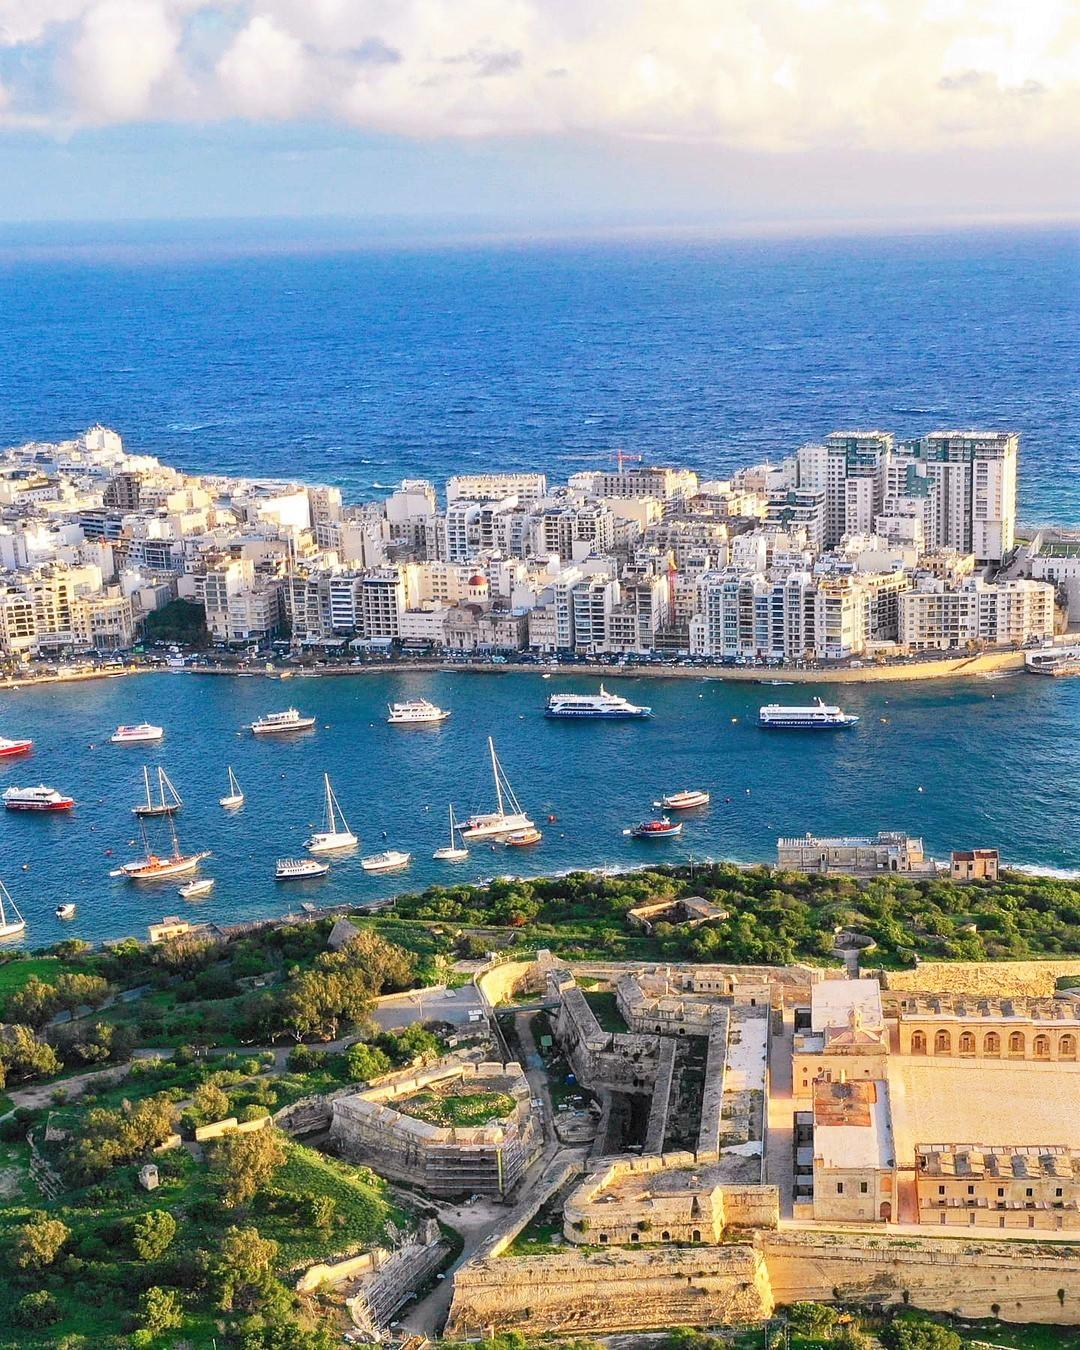 Valeta e Sliema vistas do céu (Ilha de Malta)